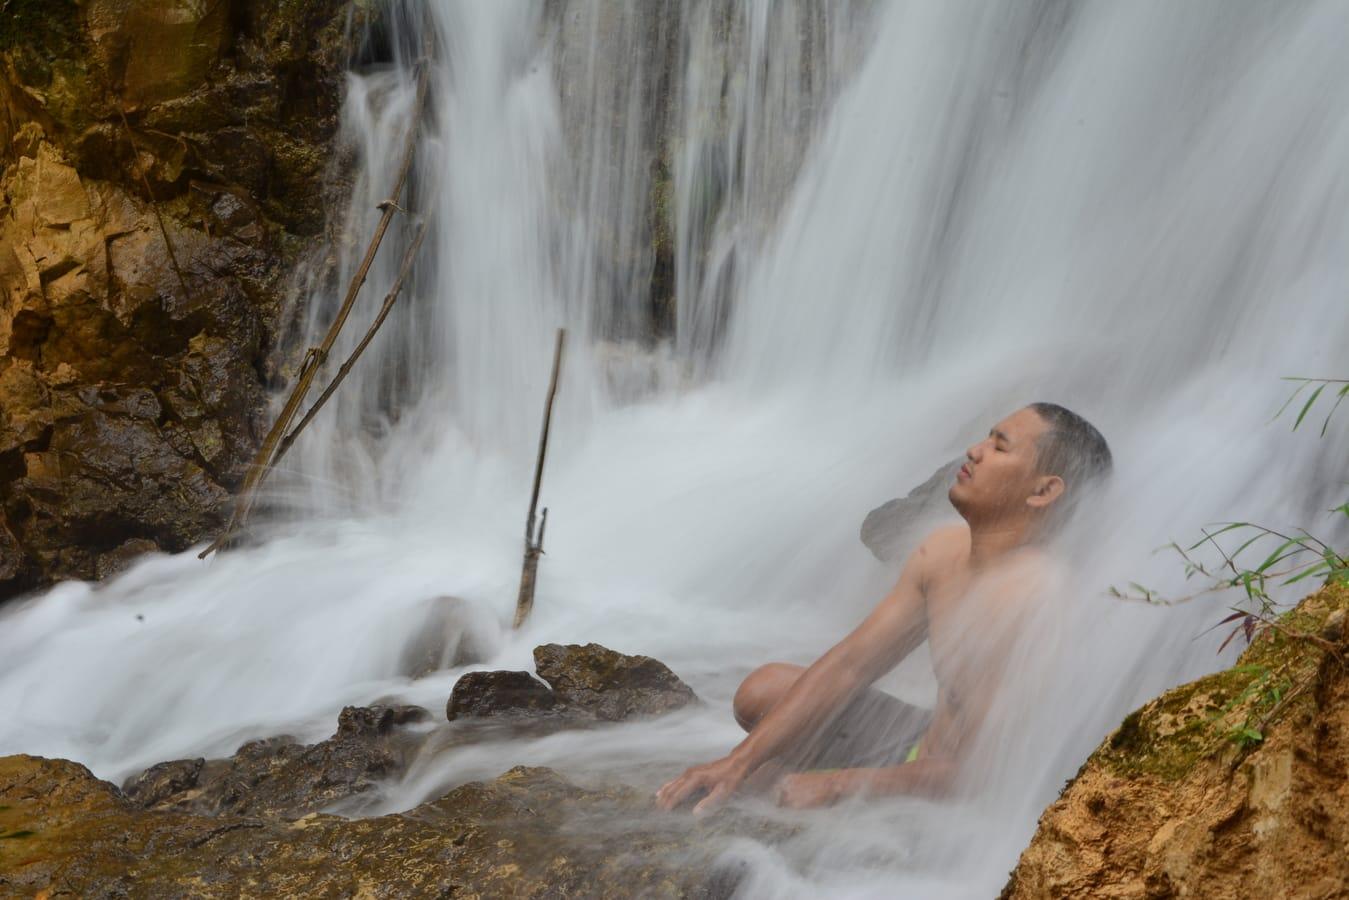 Wodospad Yogyakarta mezczyzna siedzacy pod wodospadem zen